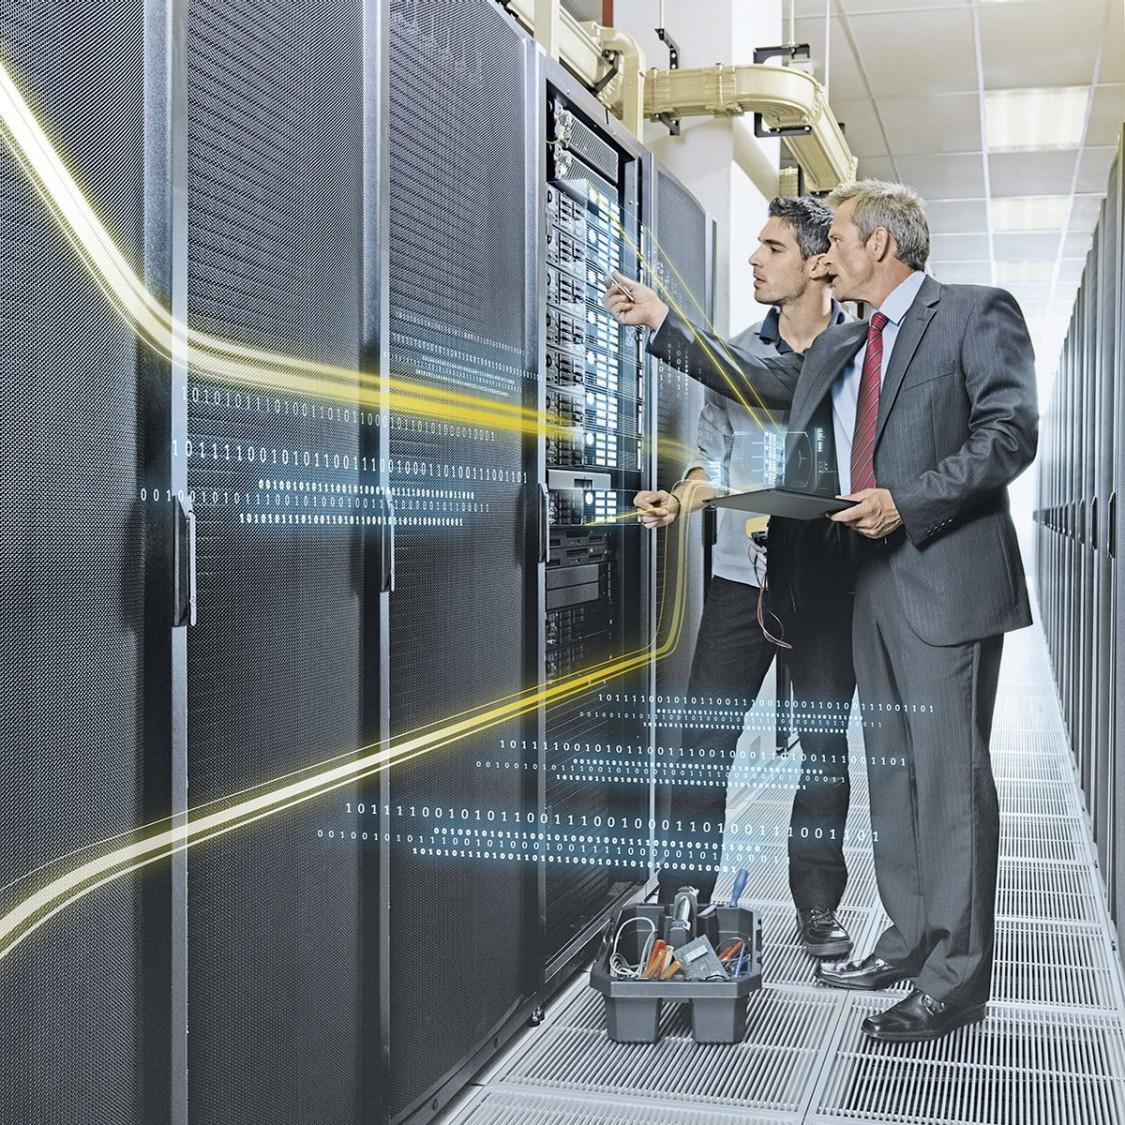 Bir Servis olarak SIMATIC Virtualization